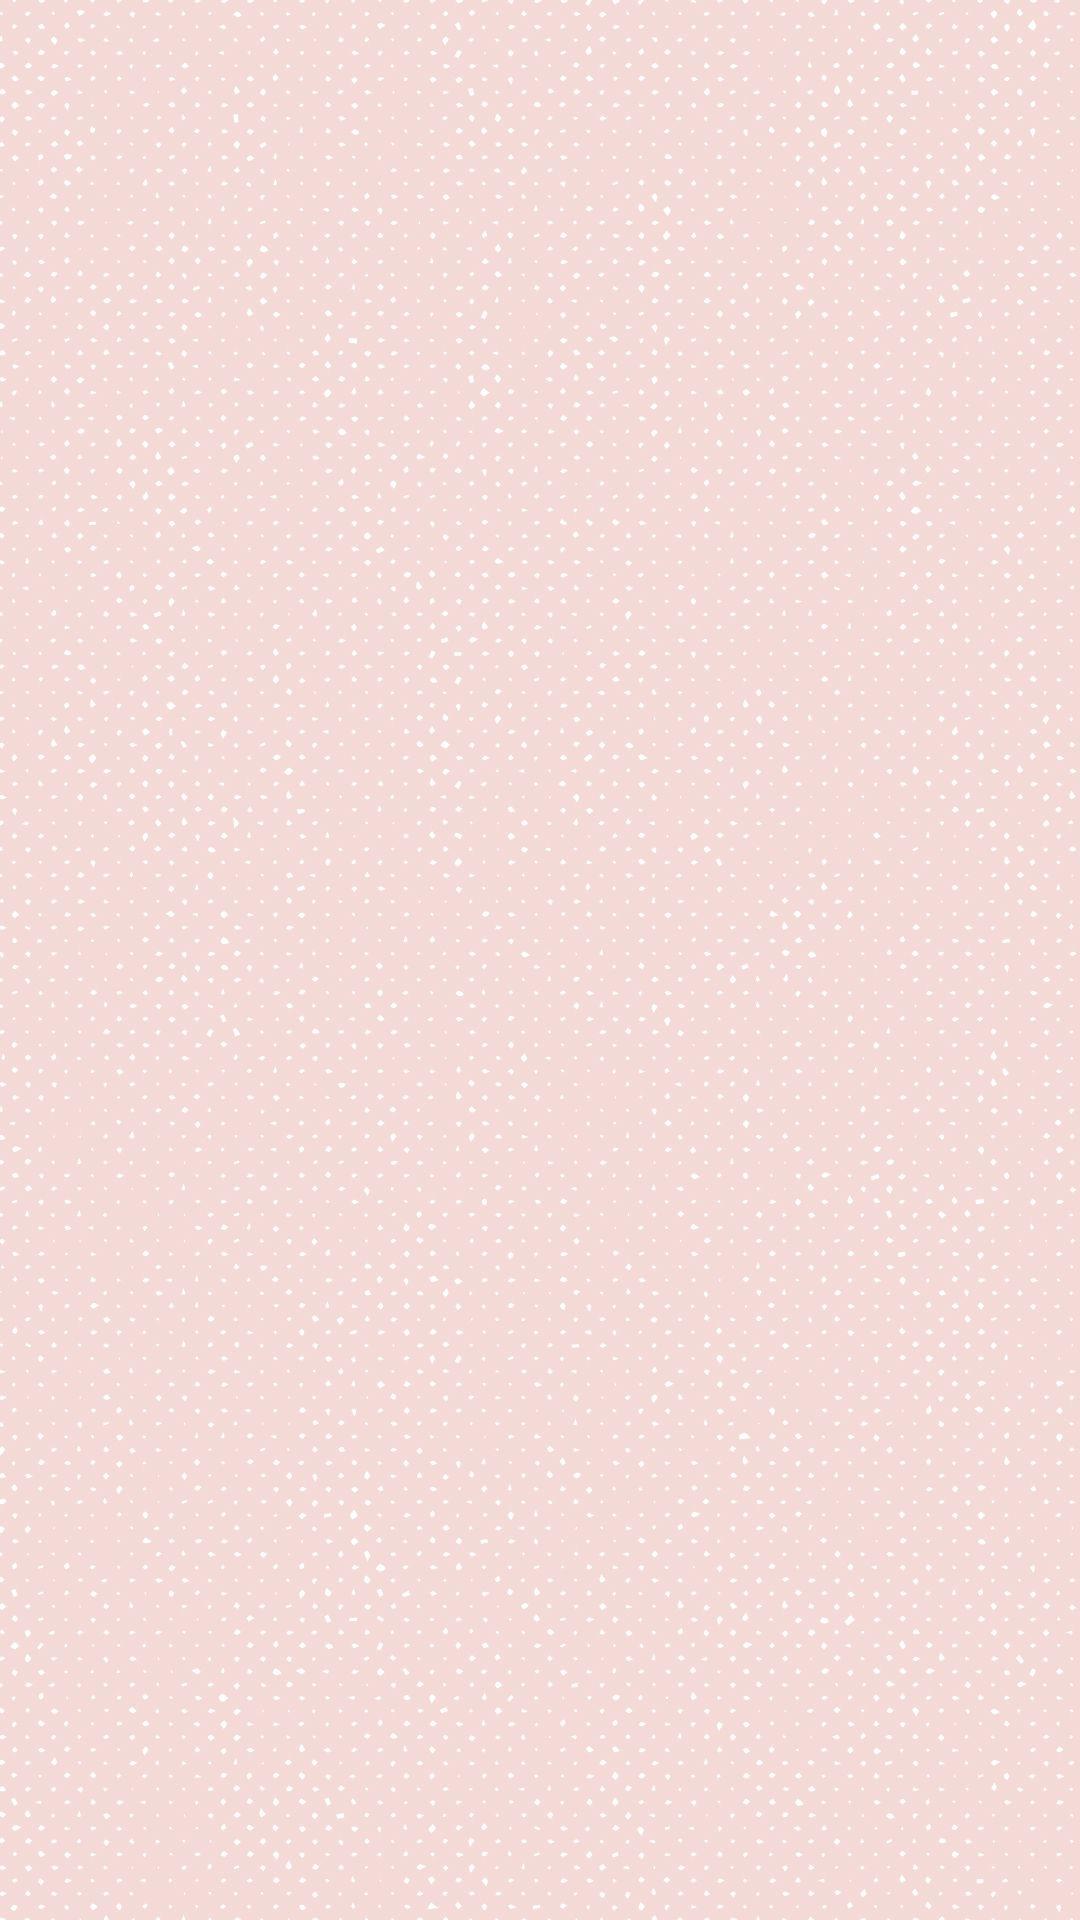 Louboutin Fashion Chic Iphone Wallpaper Home Screen Panpins